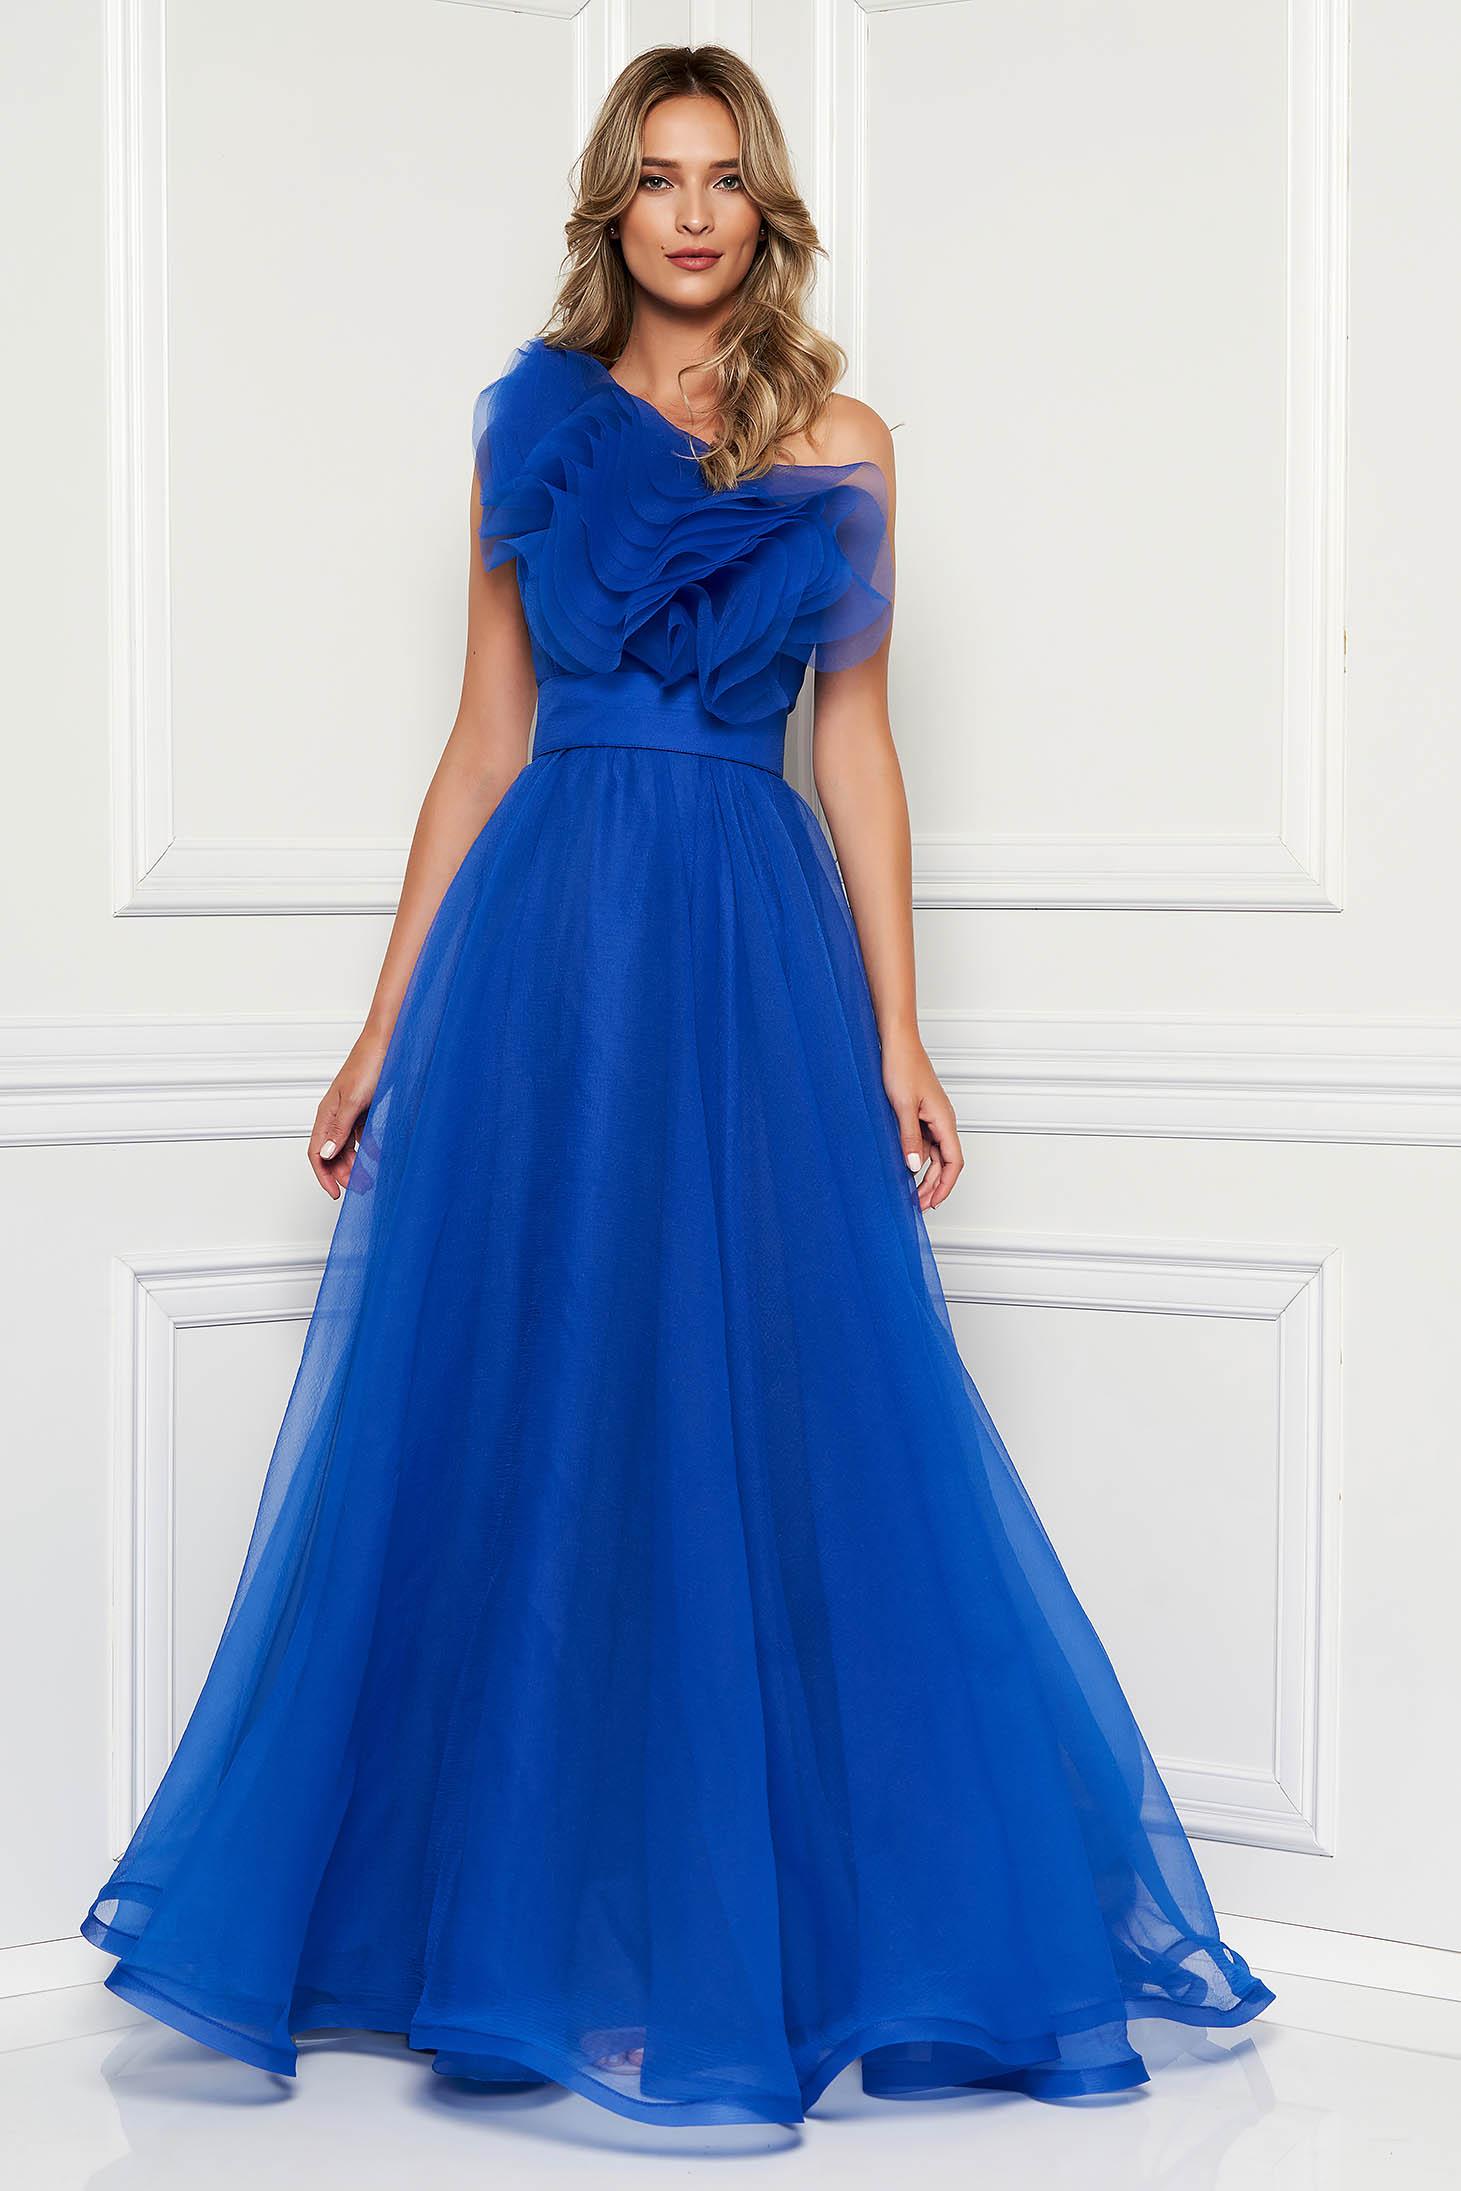 32b5c540b4 Kék Ana Radu egy vállas tüll ruha belső béléssel fodrokkal díszítve